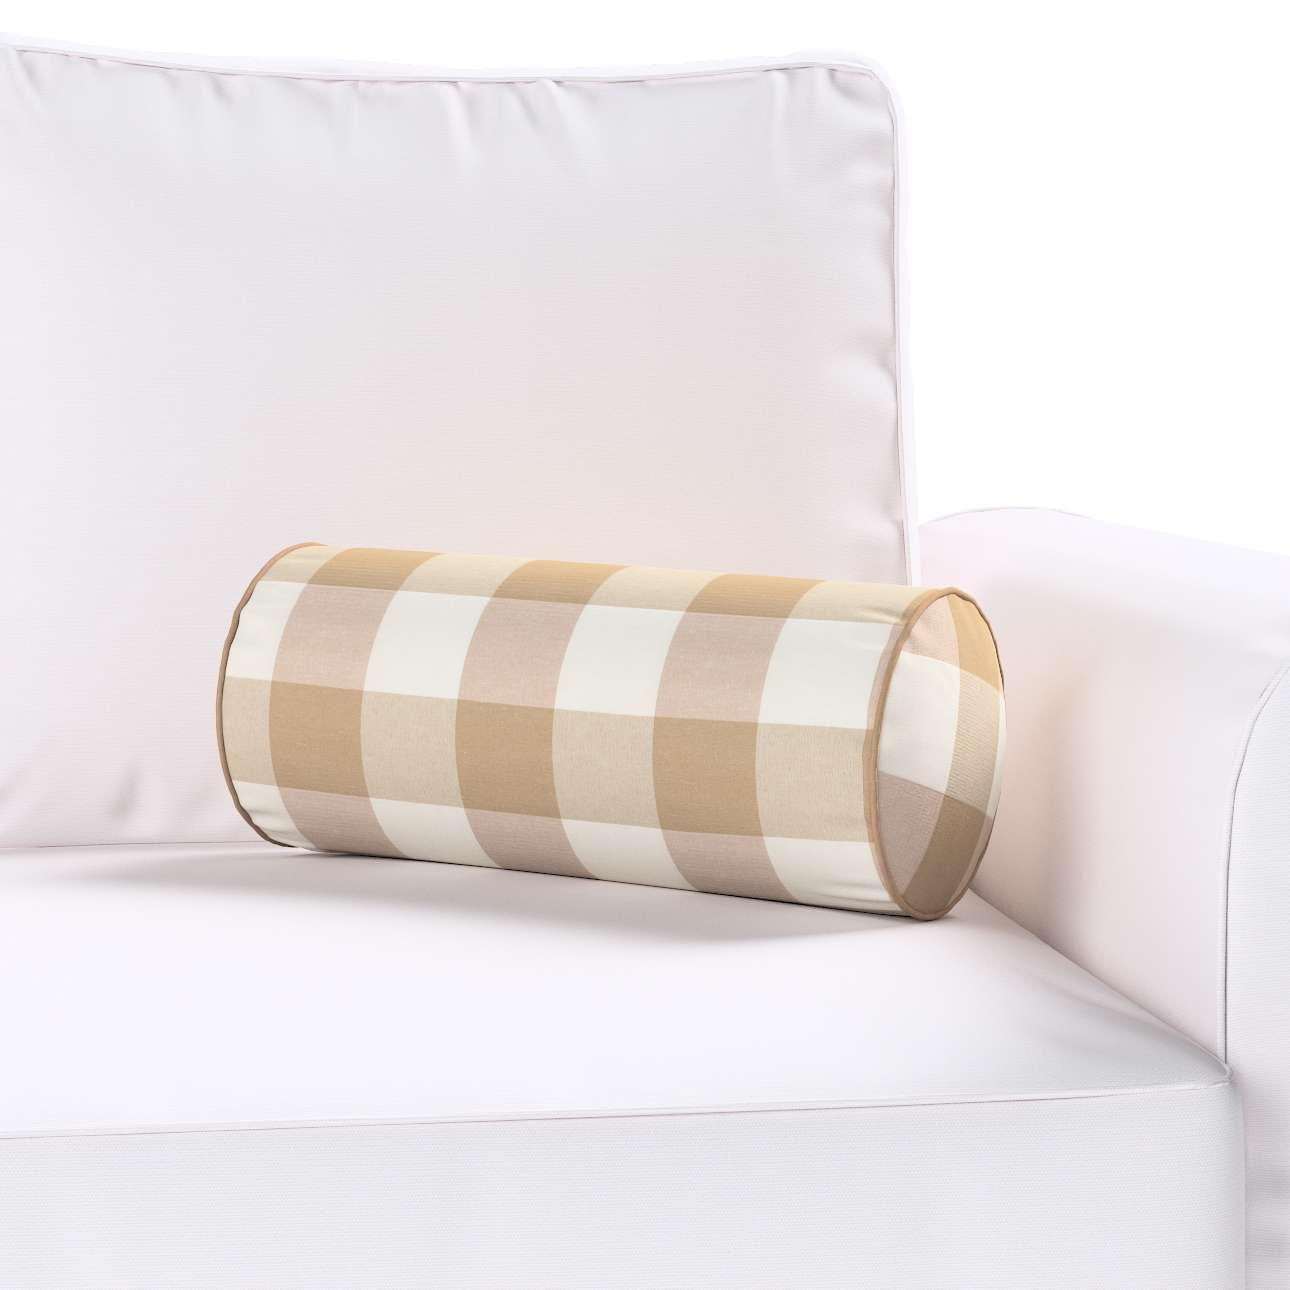 Poduszka wałek prosty Ø 16 x 40 cm w kolekcji Quadro, tkanina: 136-08